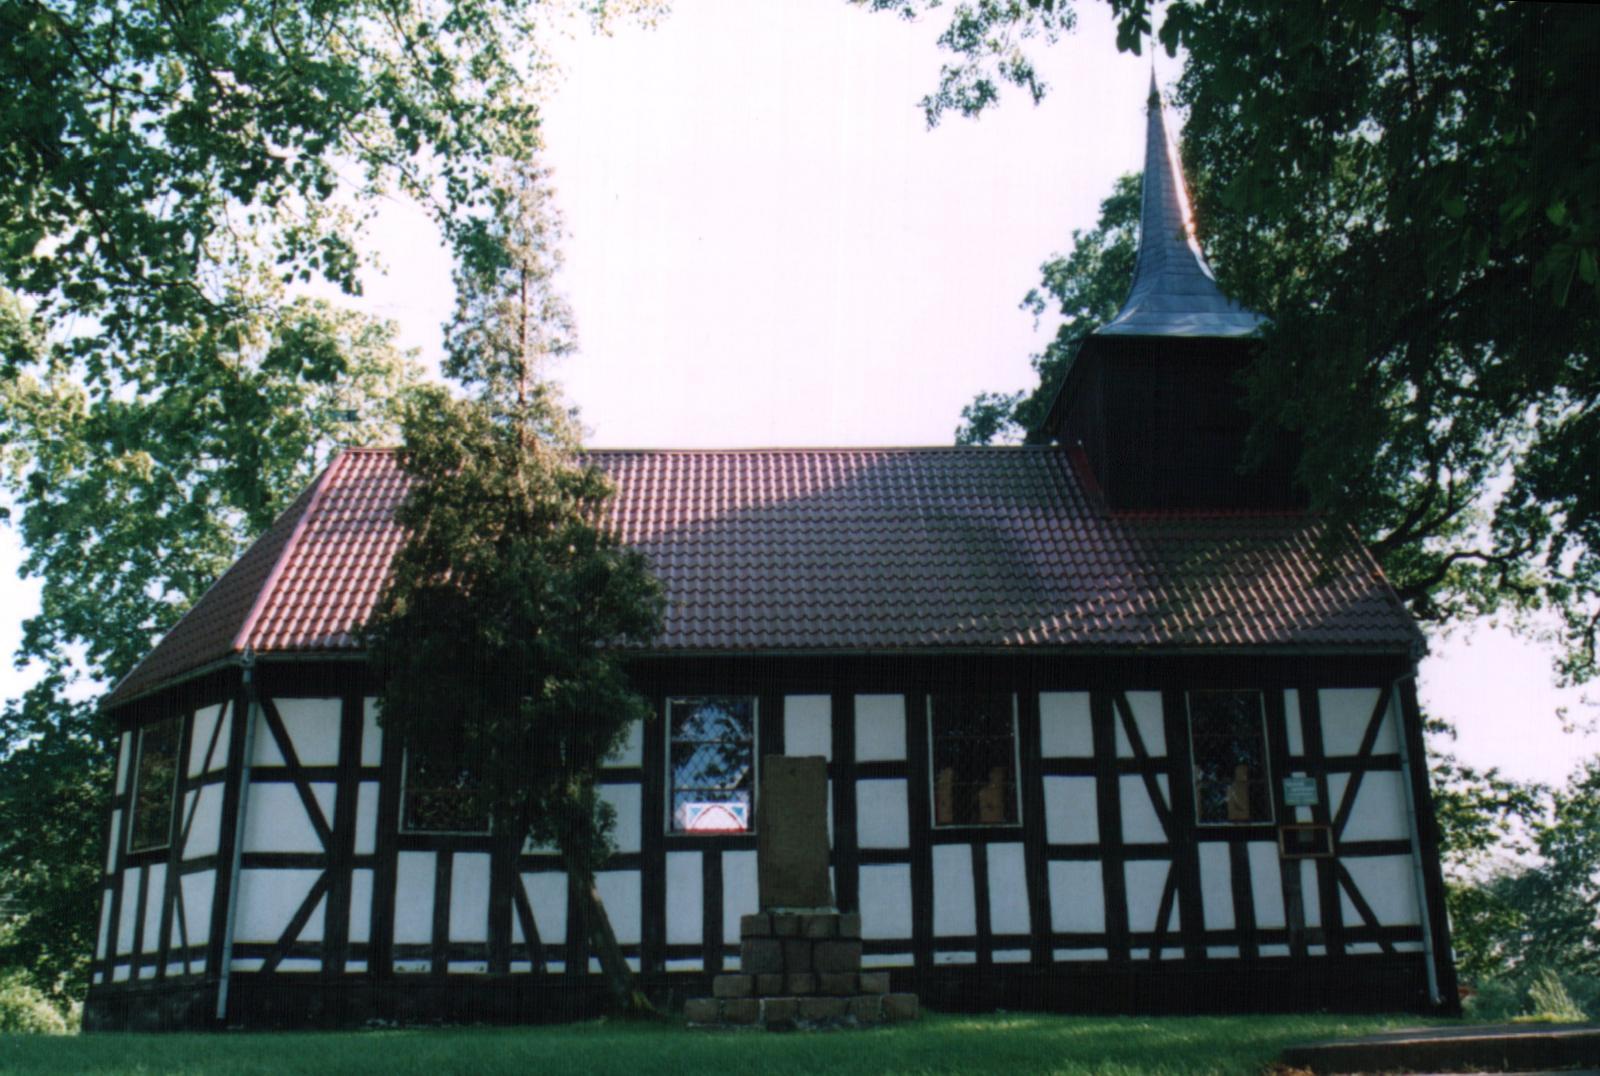 Fot.: Bukowina, Kościół, źródło: Wikipedia, autor: Steinchen1971